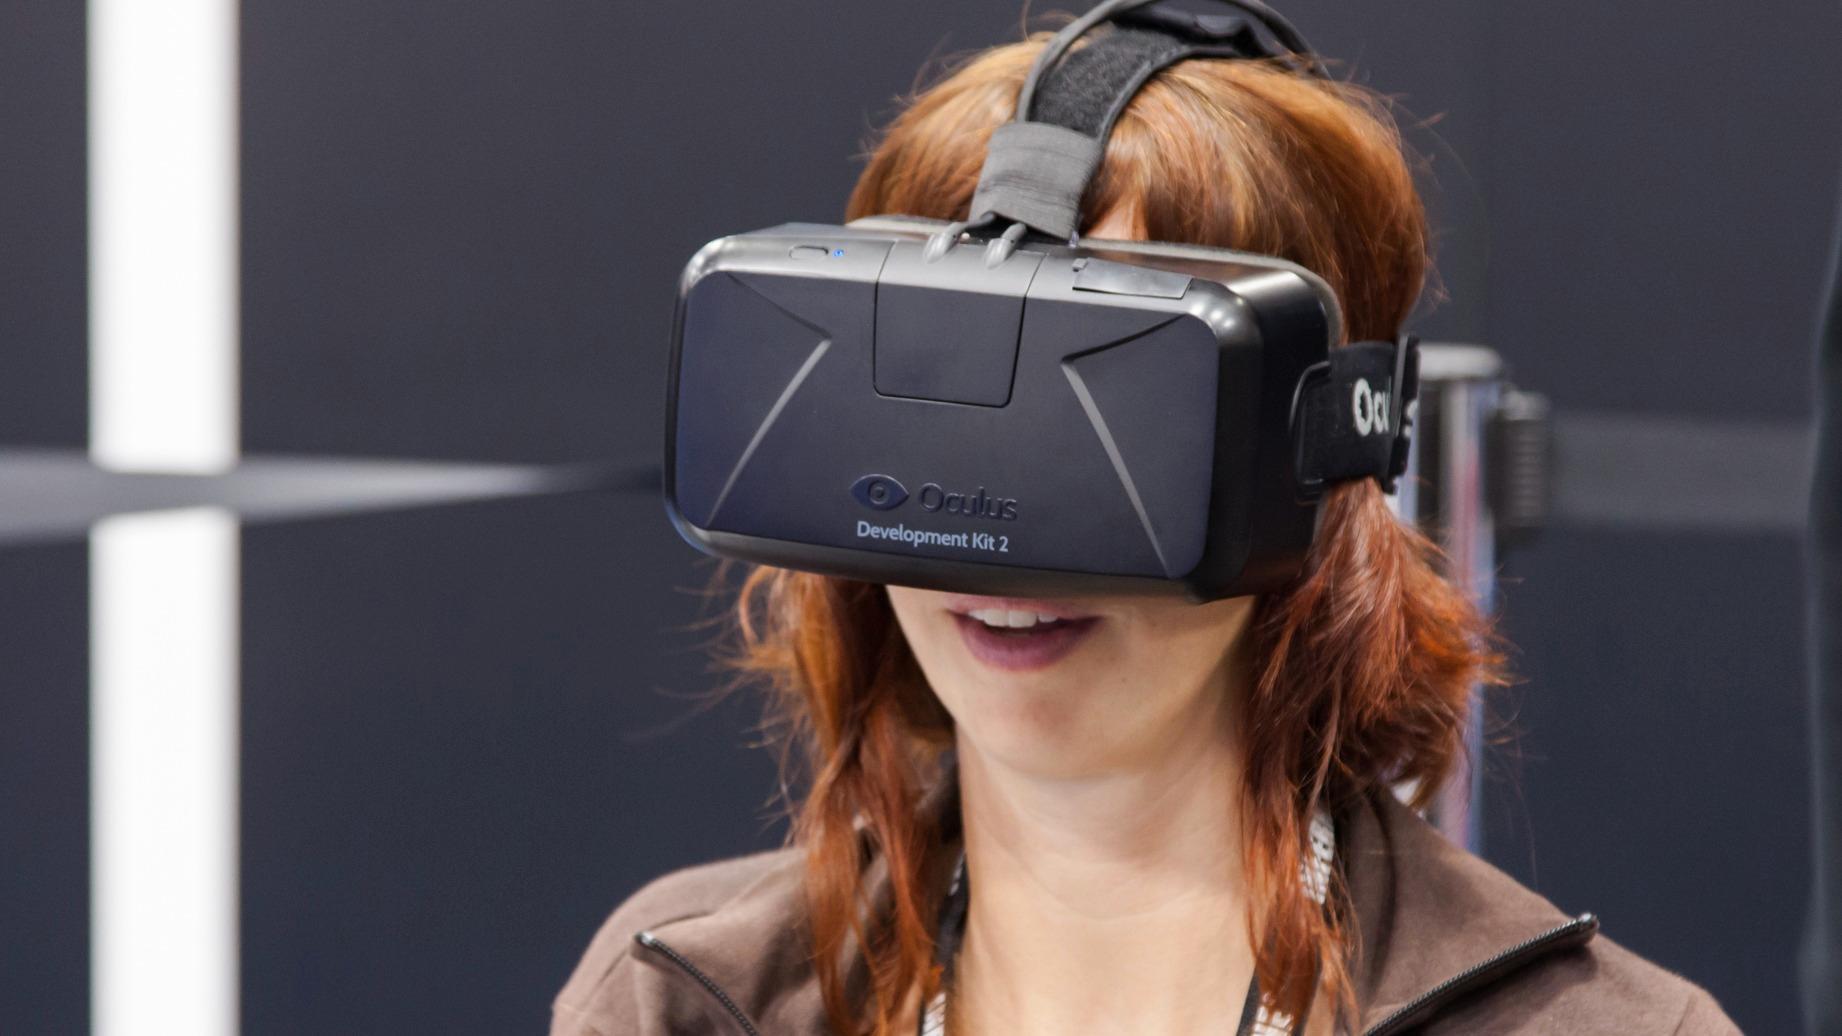 De kan ha knekt Oculus Rift-koden